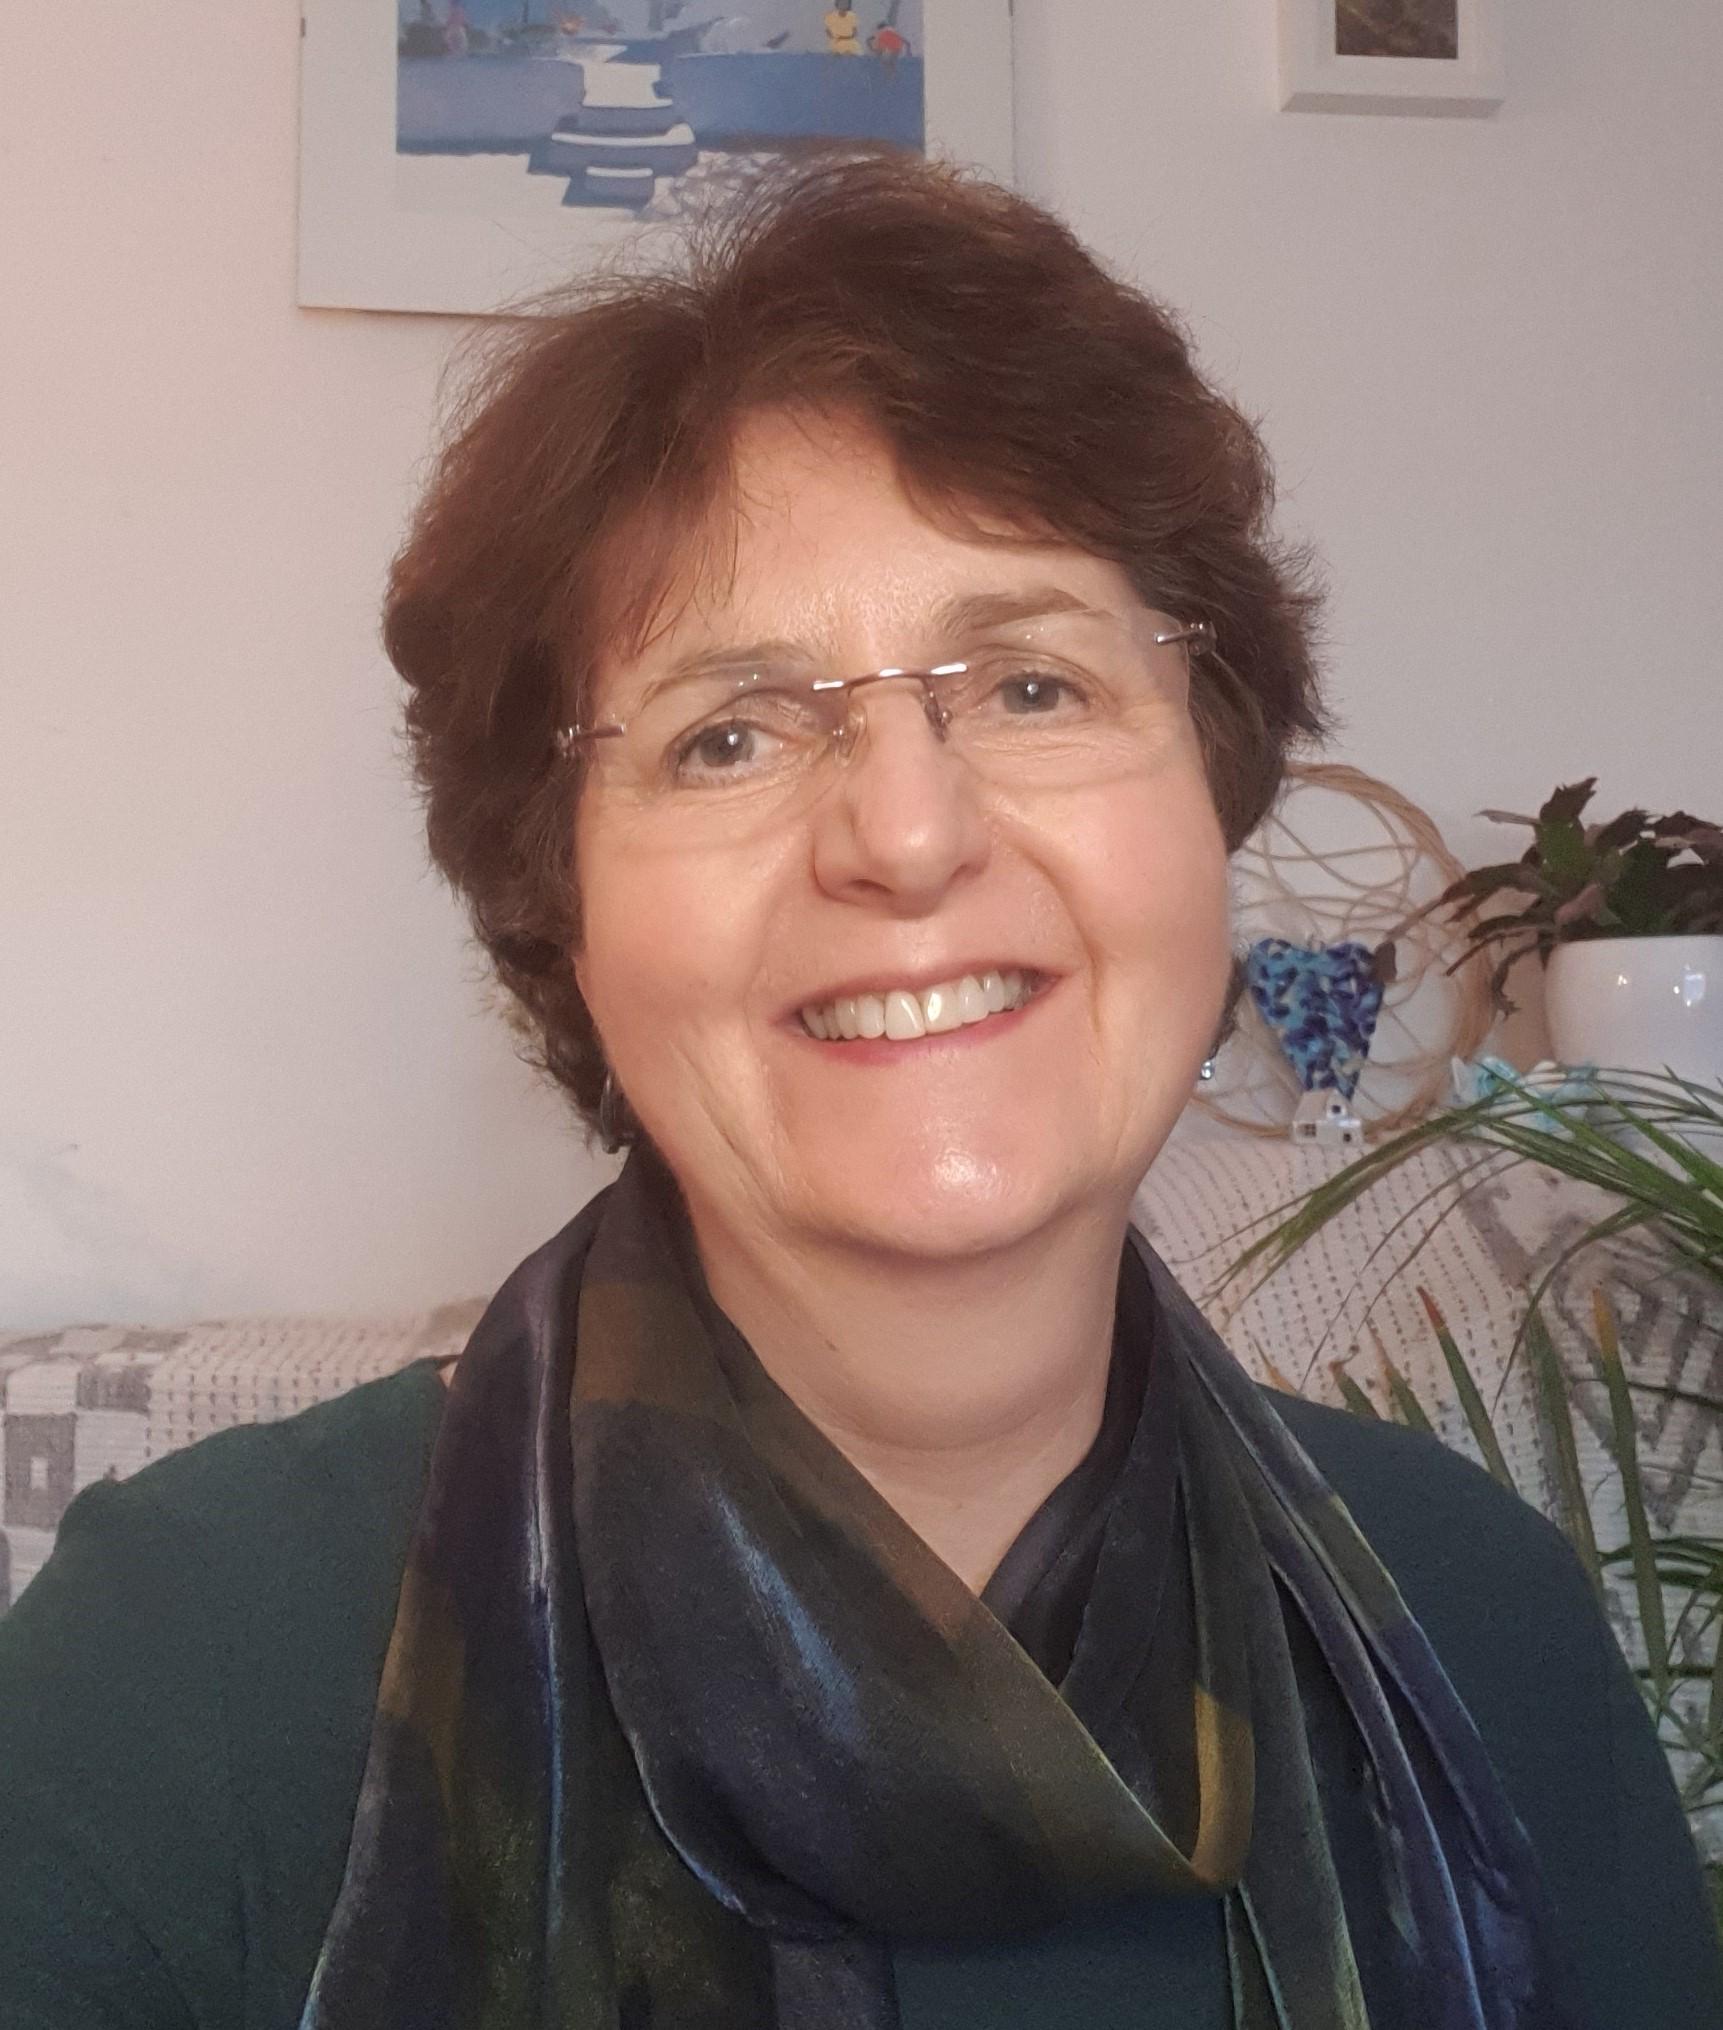 Sarah Rees